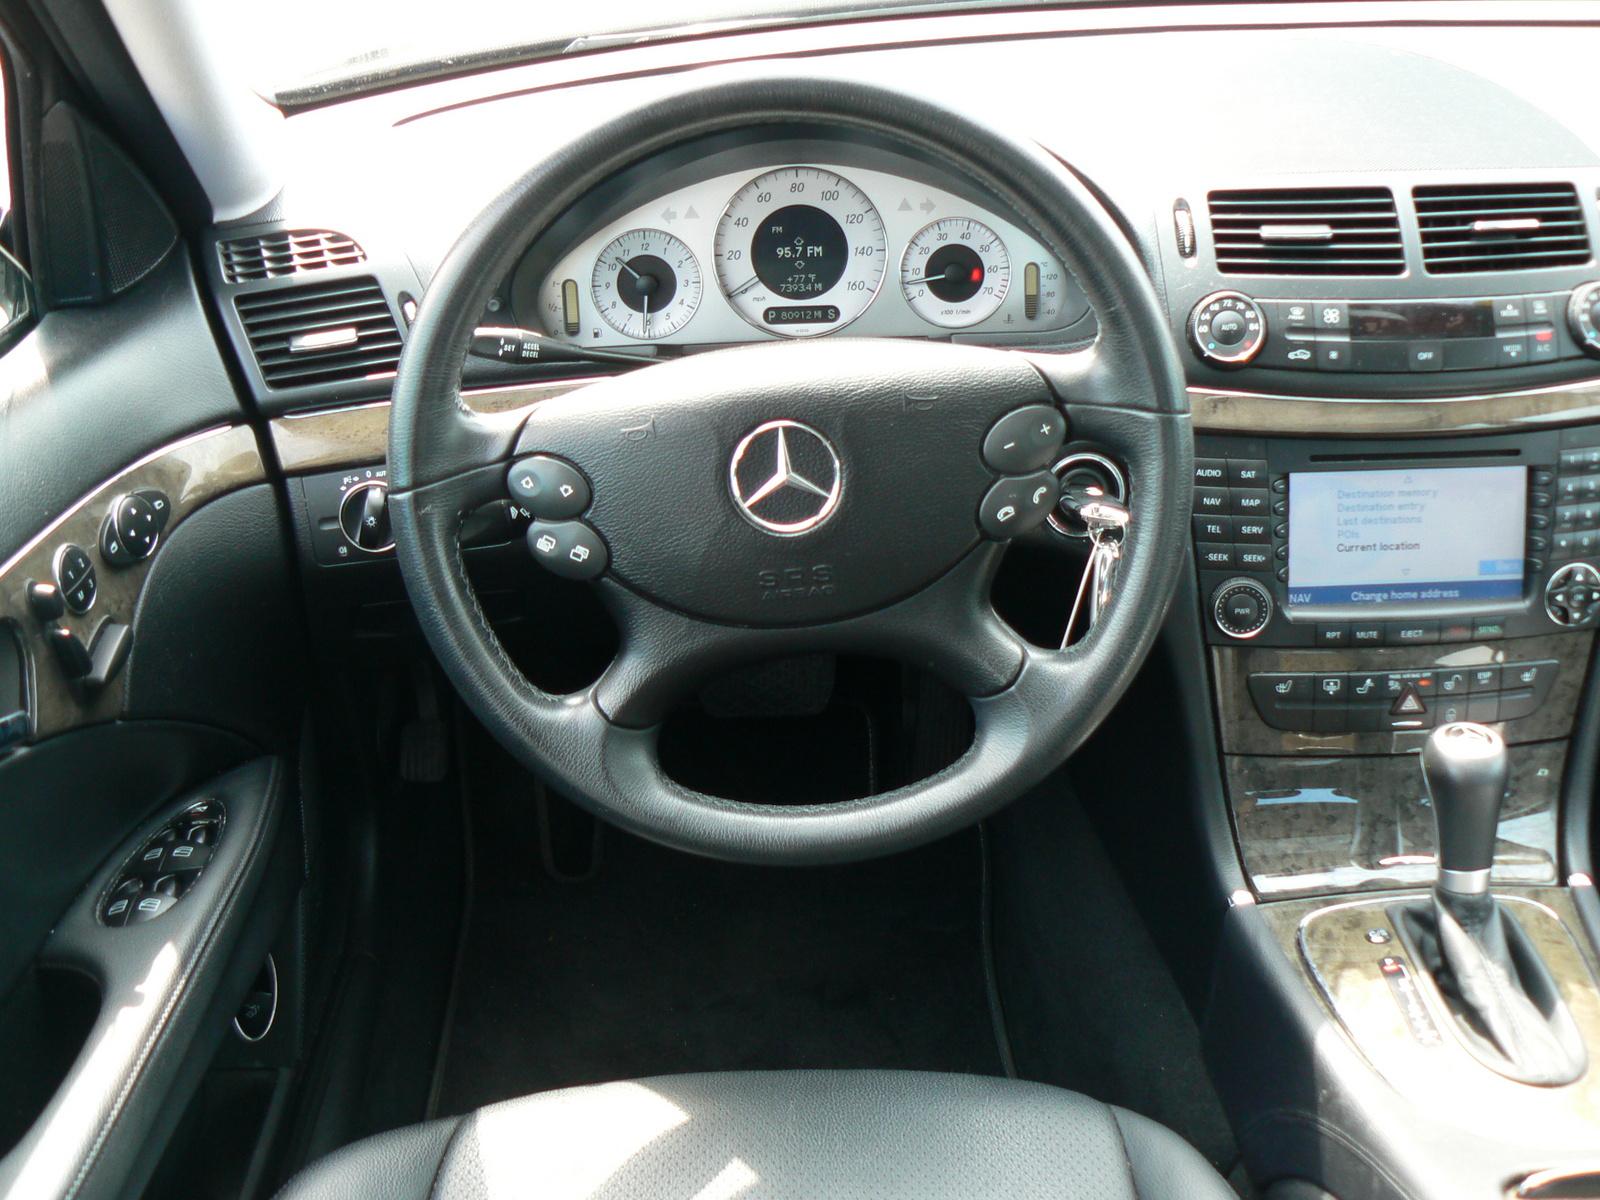 2008 mercedes benz e class pictures cargurus for Mercedes benz e350 interior